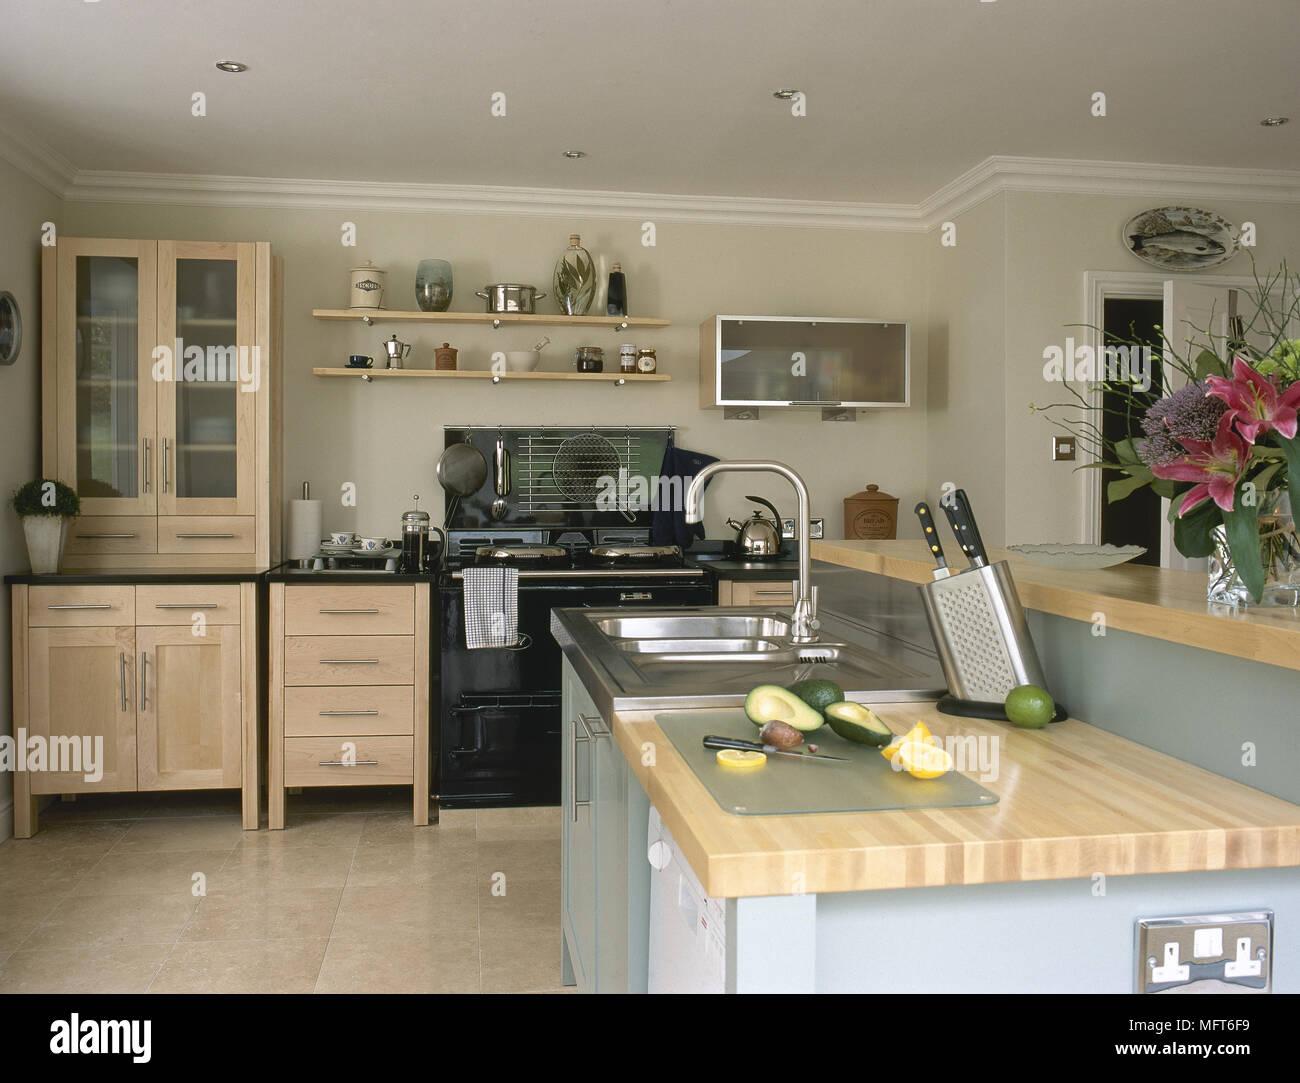 Großartig Sollte Ich Meine Küchenschränke Schwarz Oder Weiß Malen ...